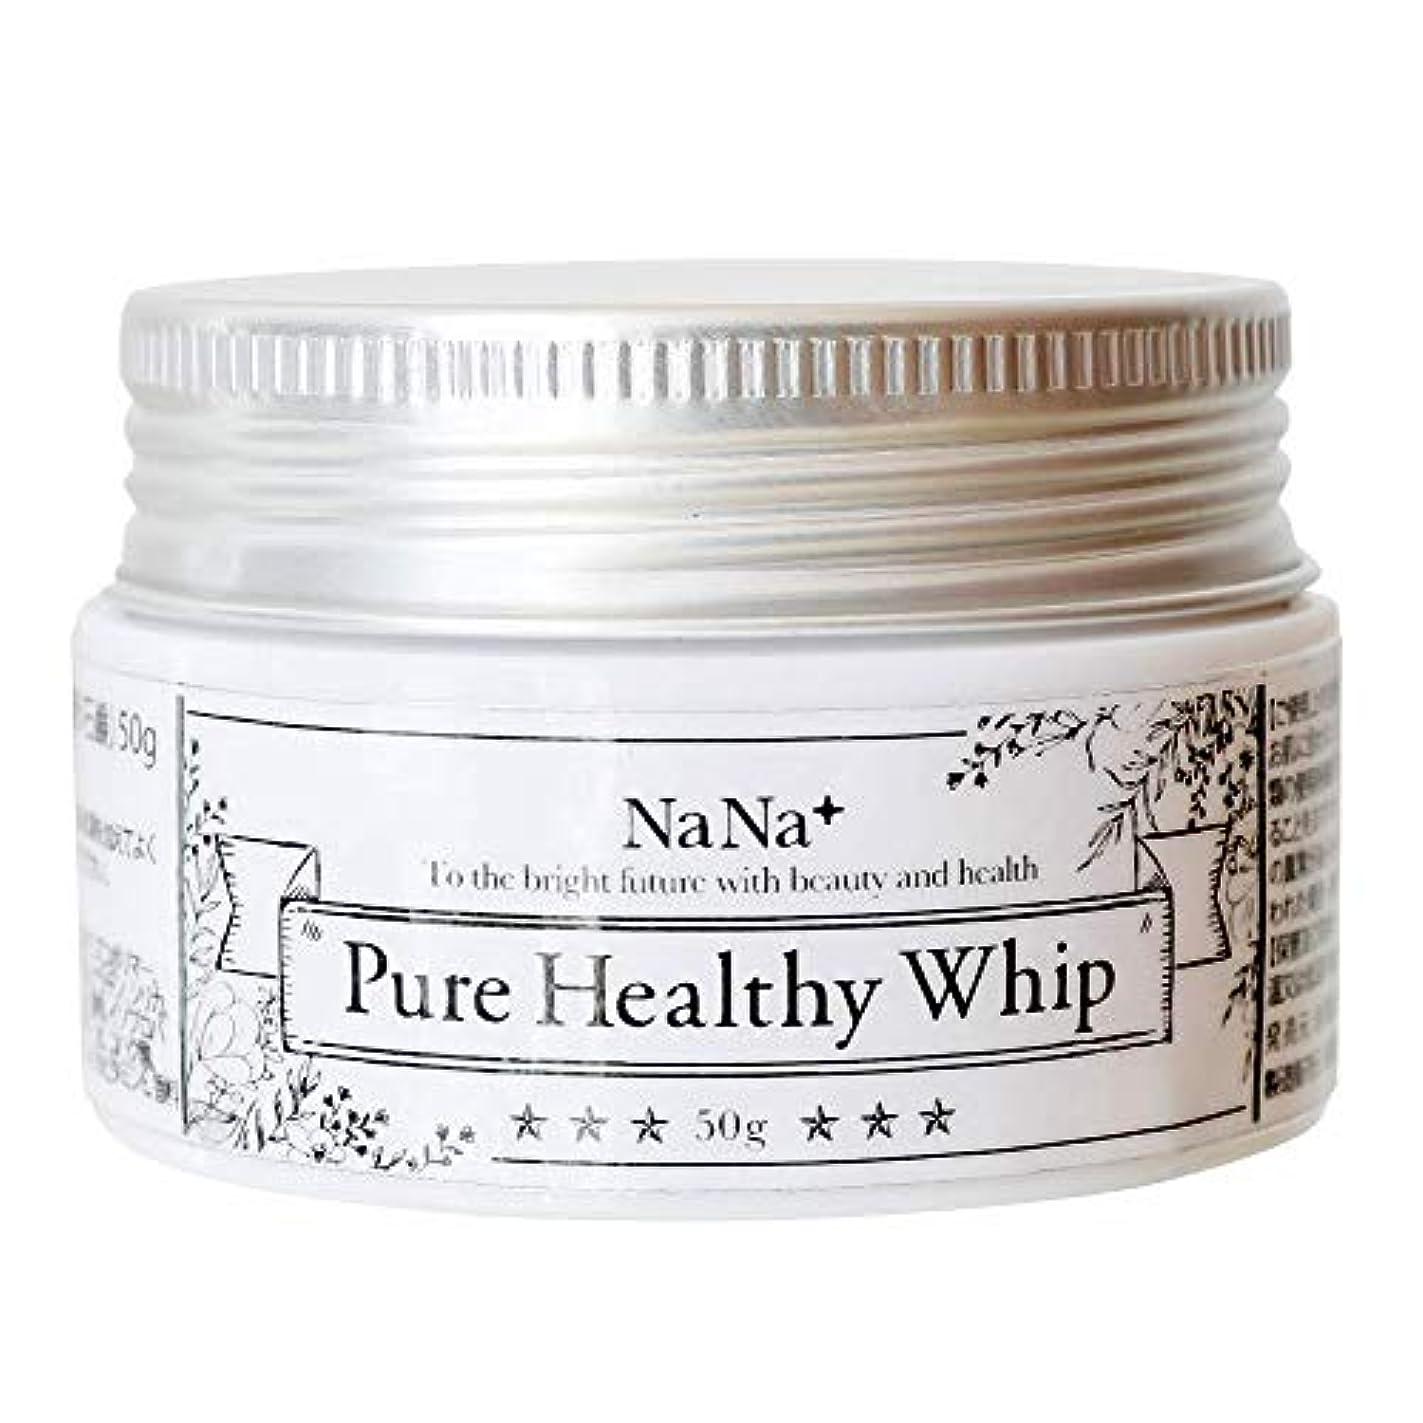 コマース同意するインシュレータ洗顔 生せっけん 敏感肌 乾燥肌 の 毛穴 くすみ 黒ずみ ケア 肌に優しい無添加  nana+ピュアヘルシーホイップ